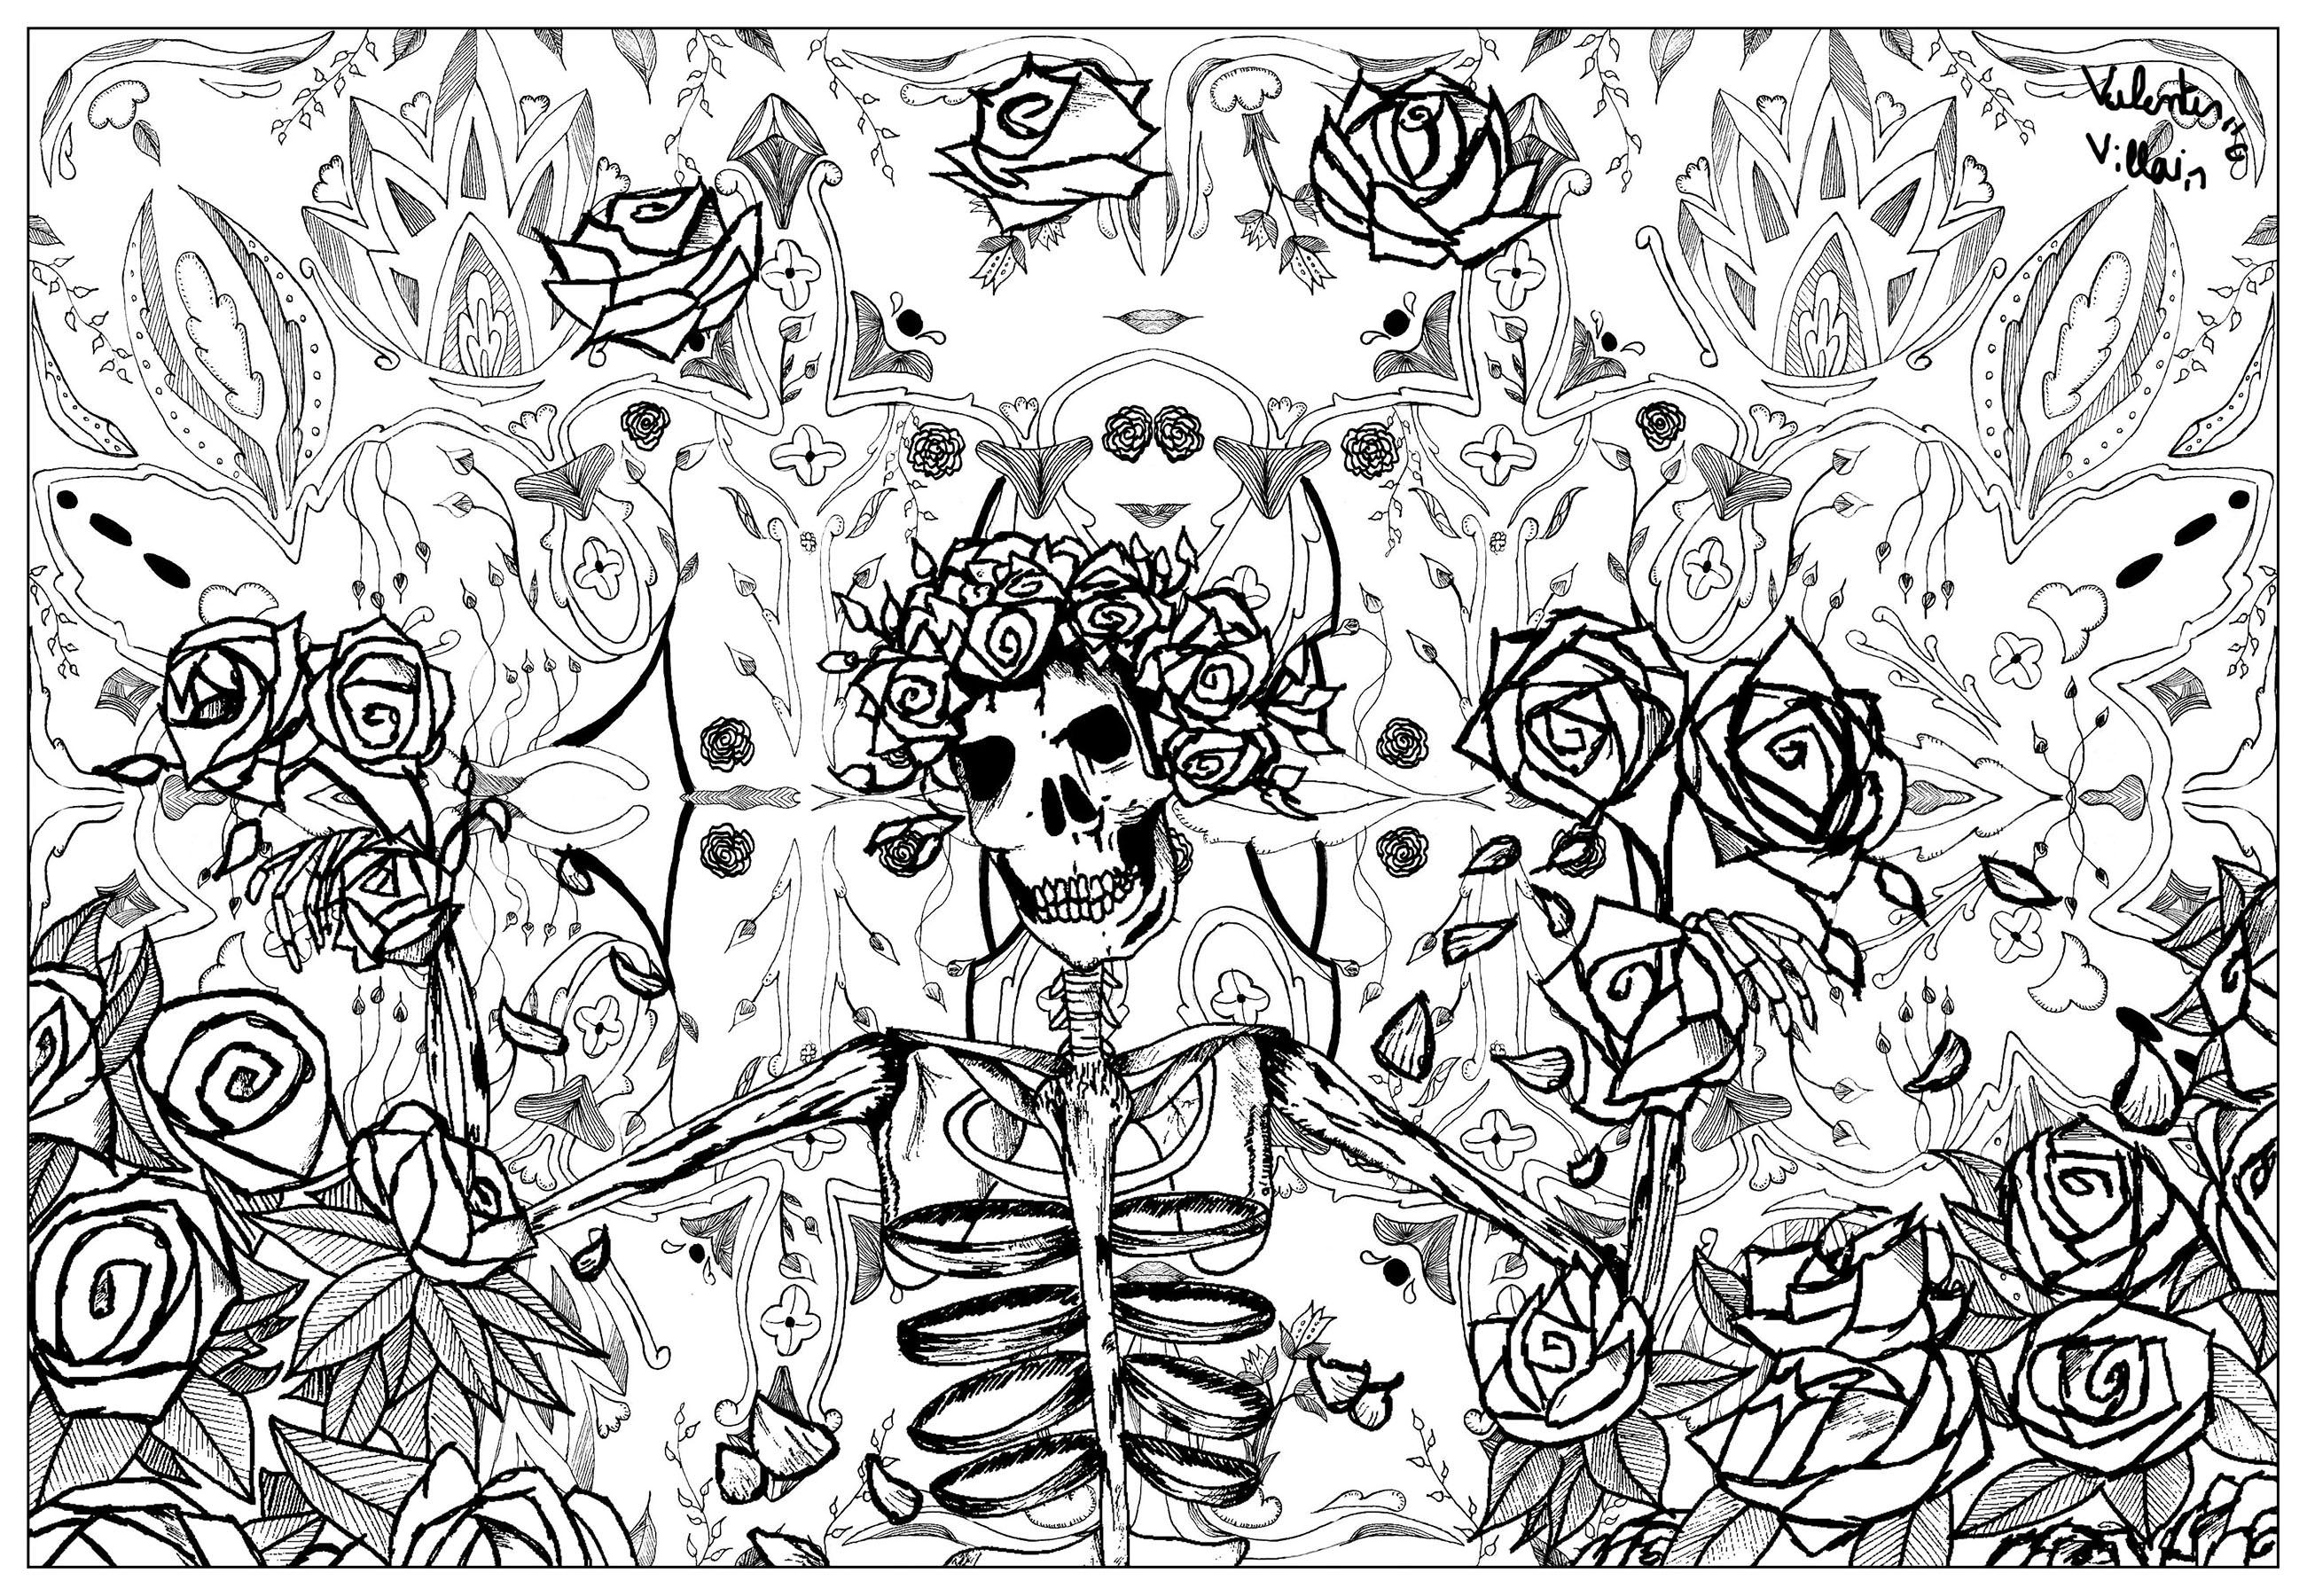 Une illustration originale inspirée des visuels du groupe de rock américain Grateful Dead, considéré comme l'un des principaux représentants du mouvement psychédélique